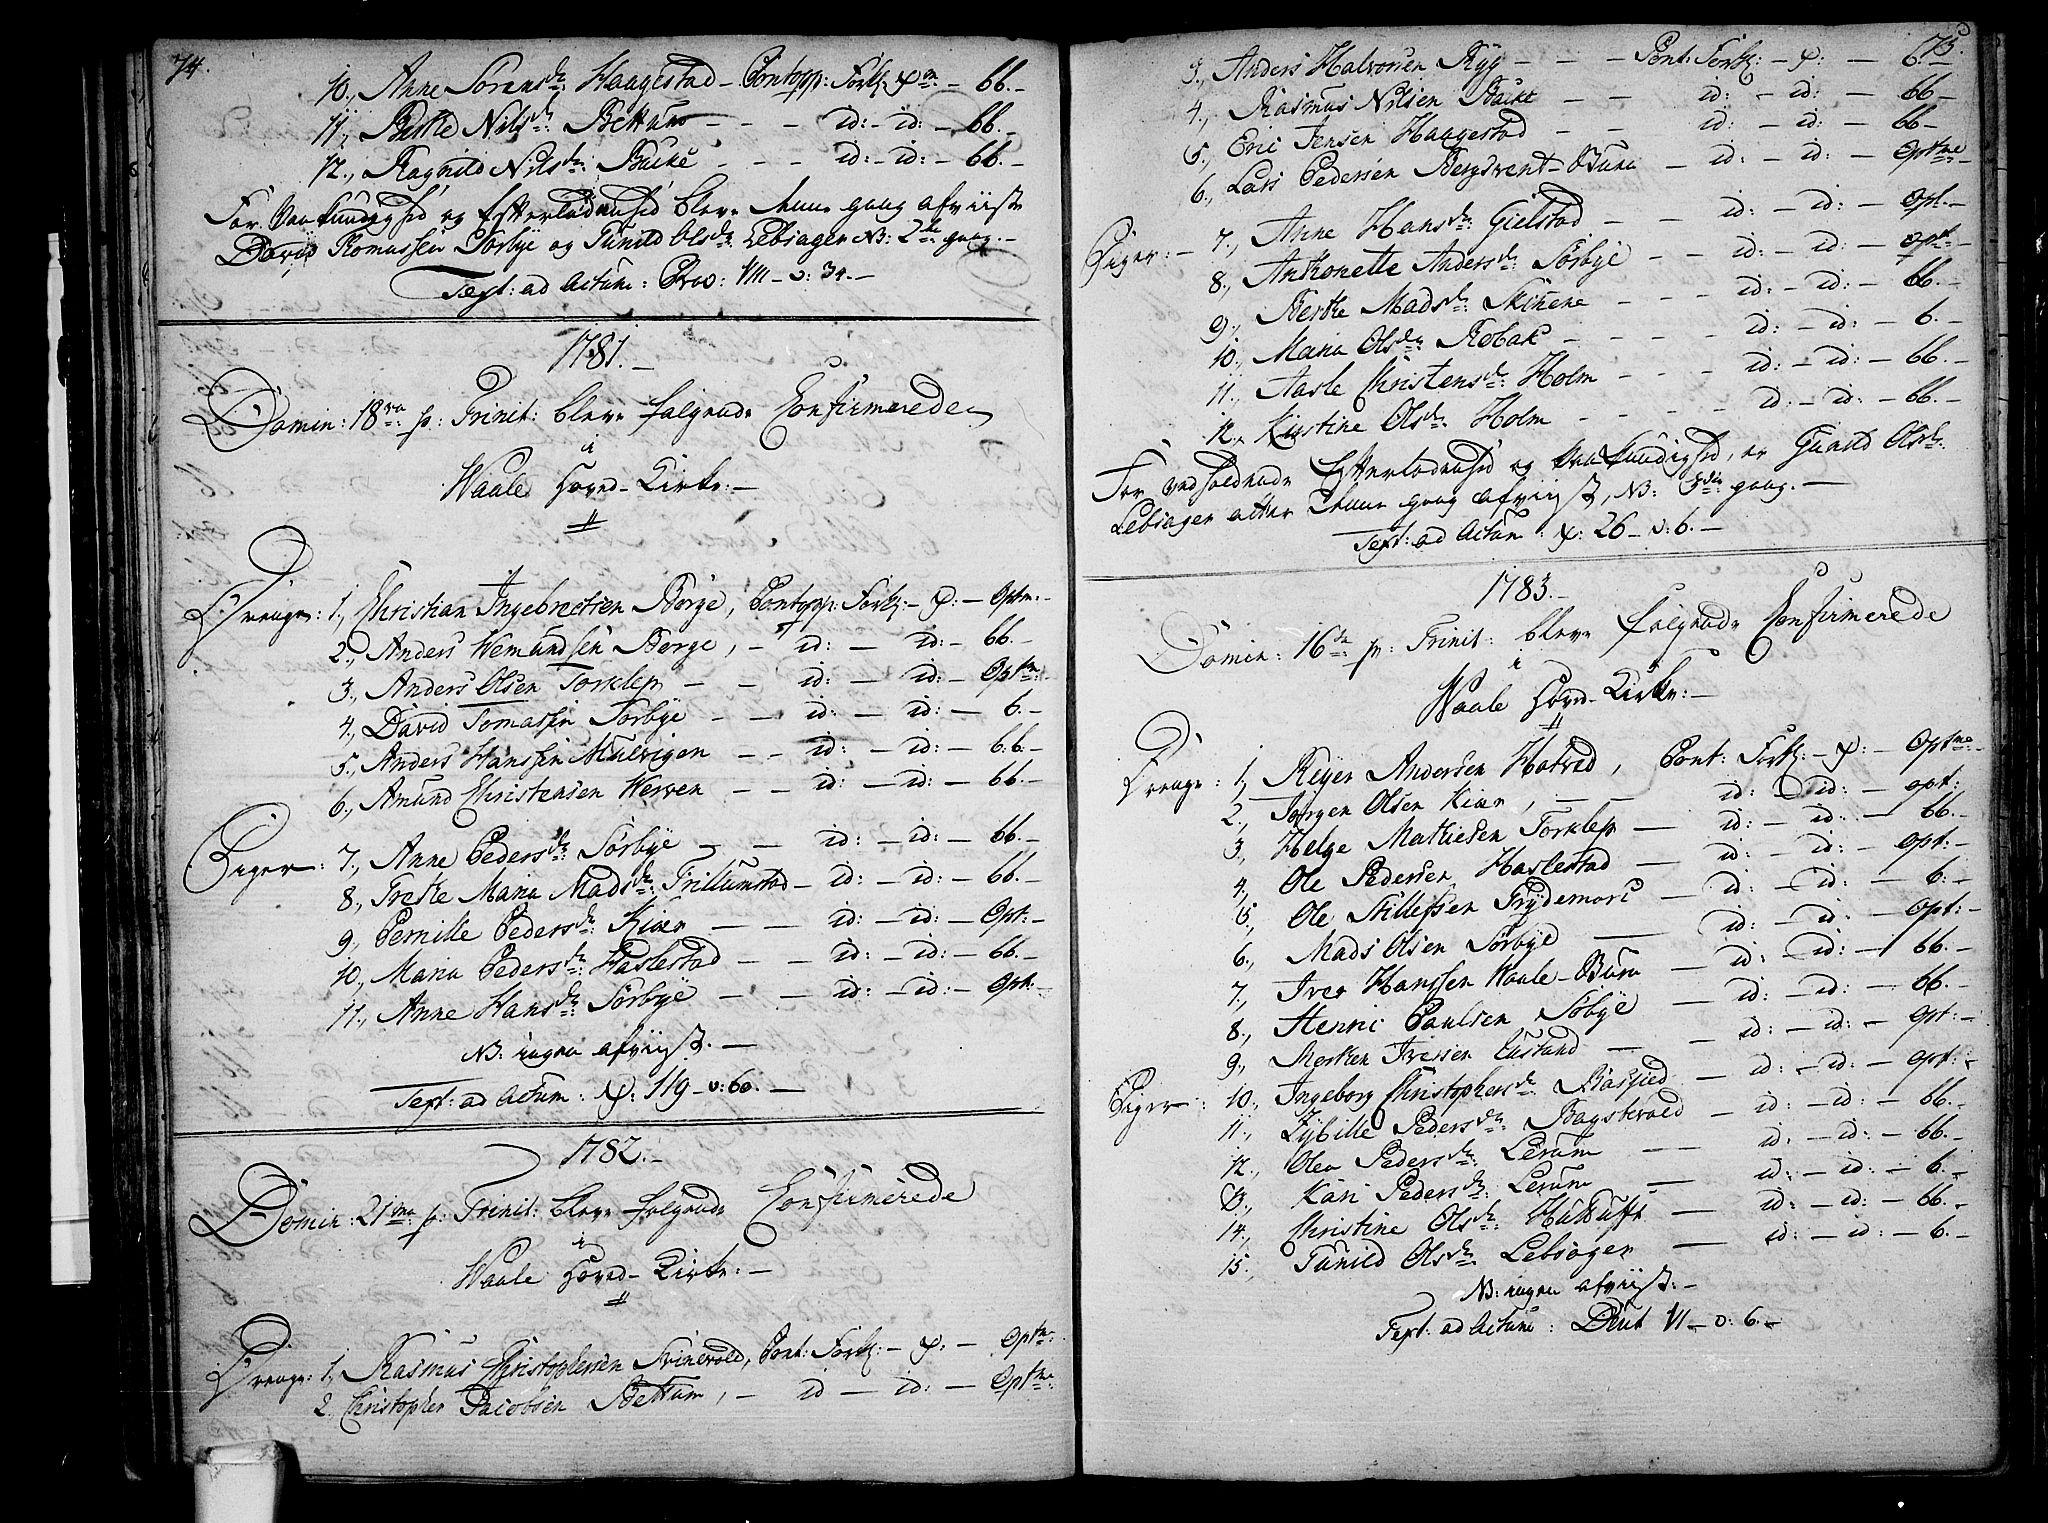 SAKO, Våle kirkebøker, F/Fa/L0005: Ministerialbok nr. I 5, 1773-1808, s. 74-75